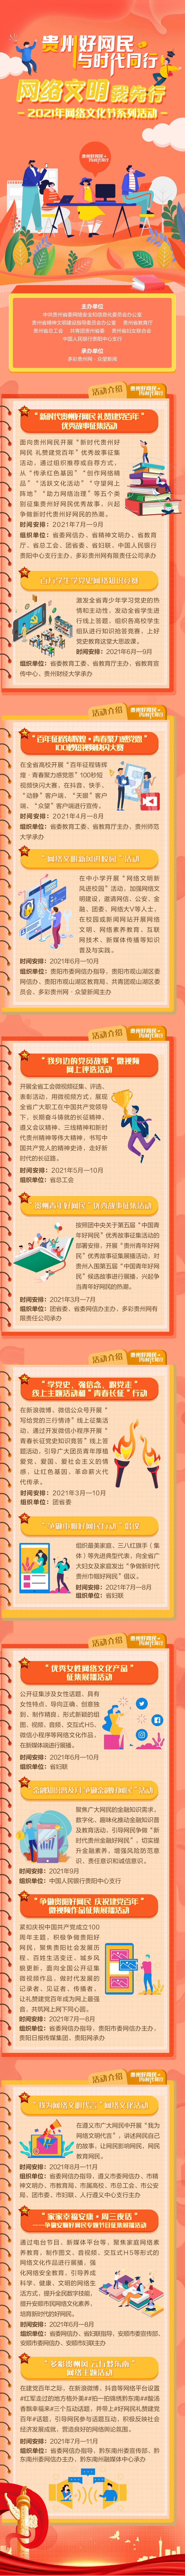 """""""贵州好网民 与时代同行——网络文明我先行""""活动概览"""